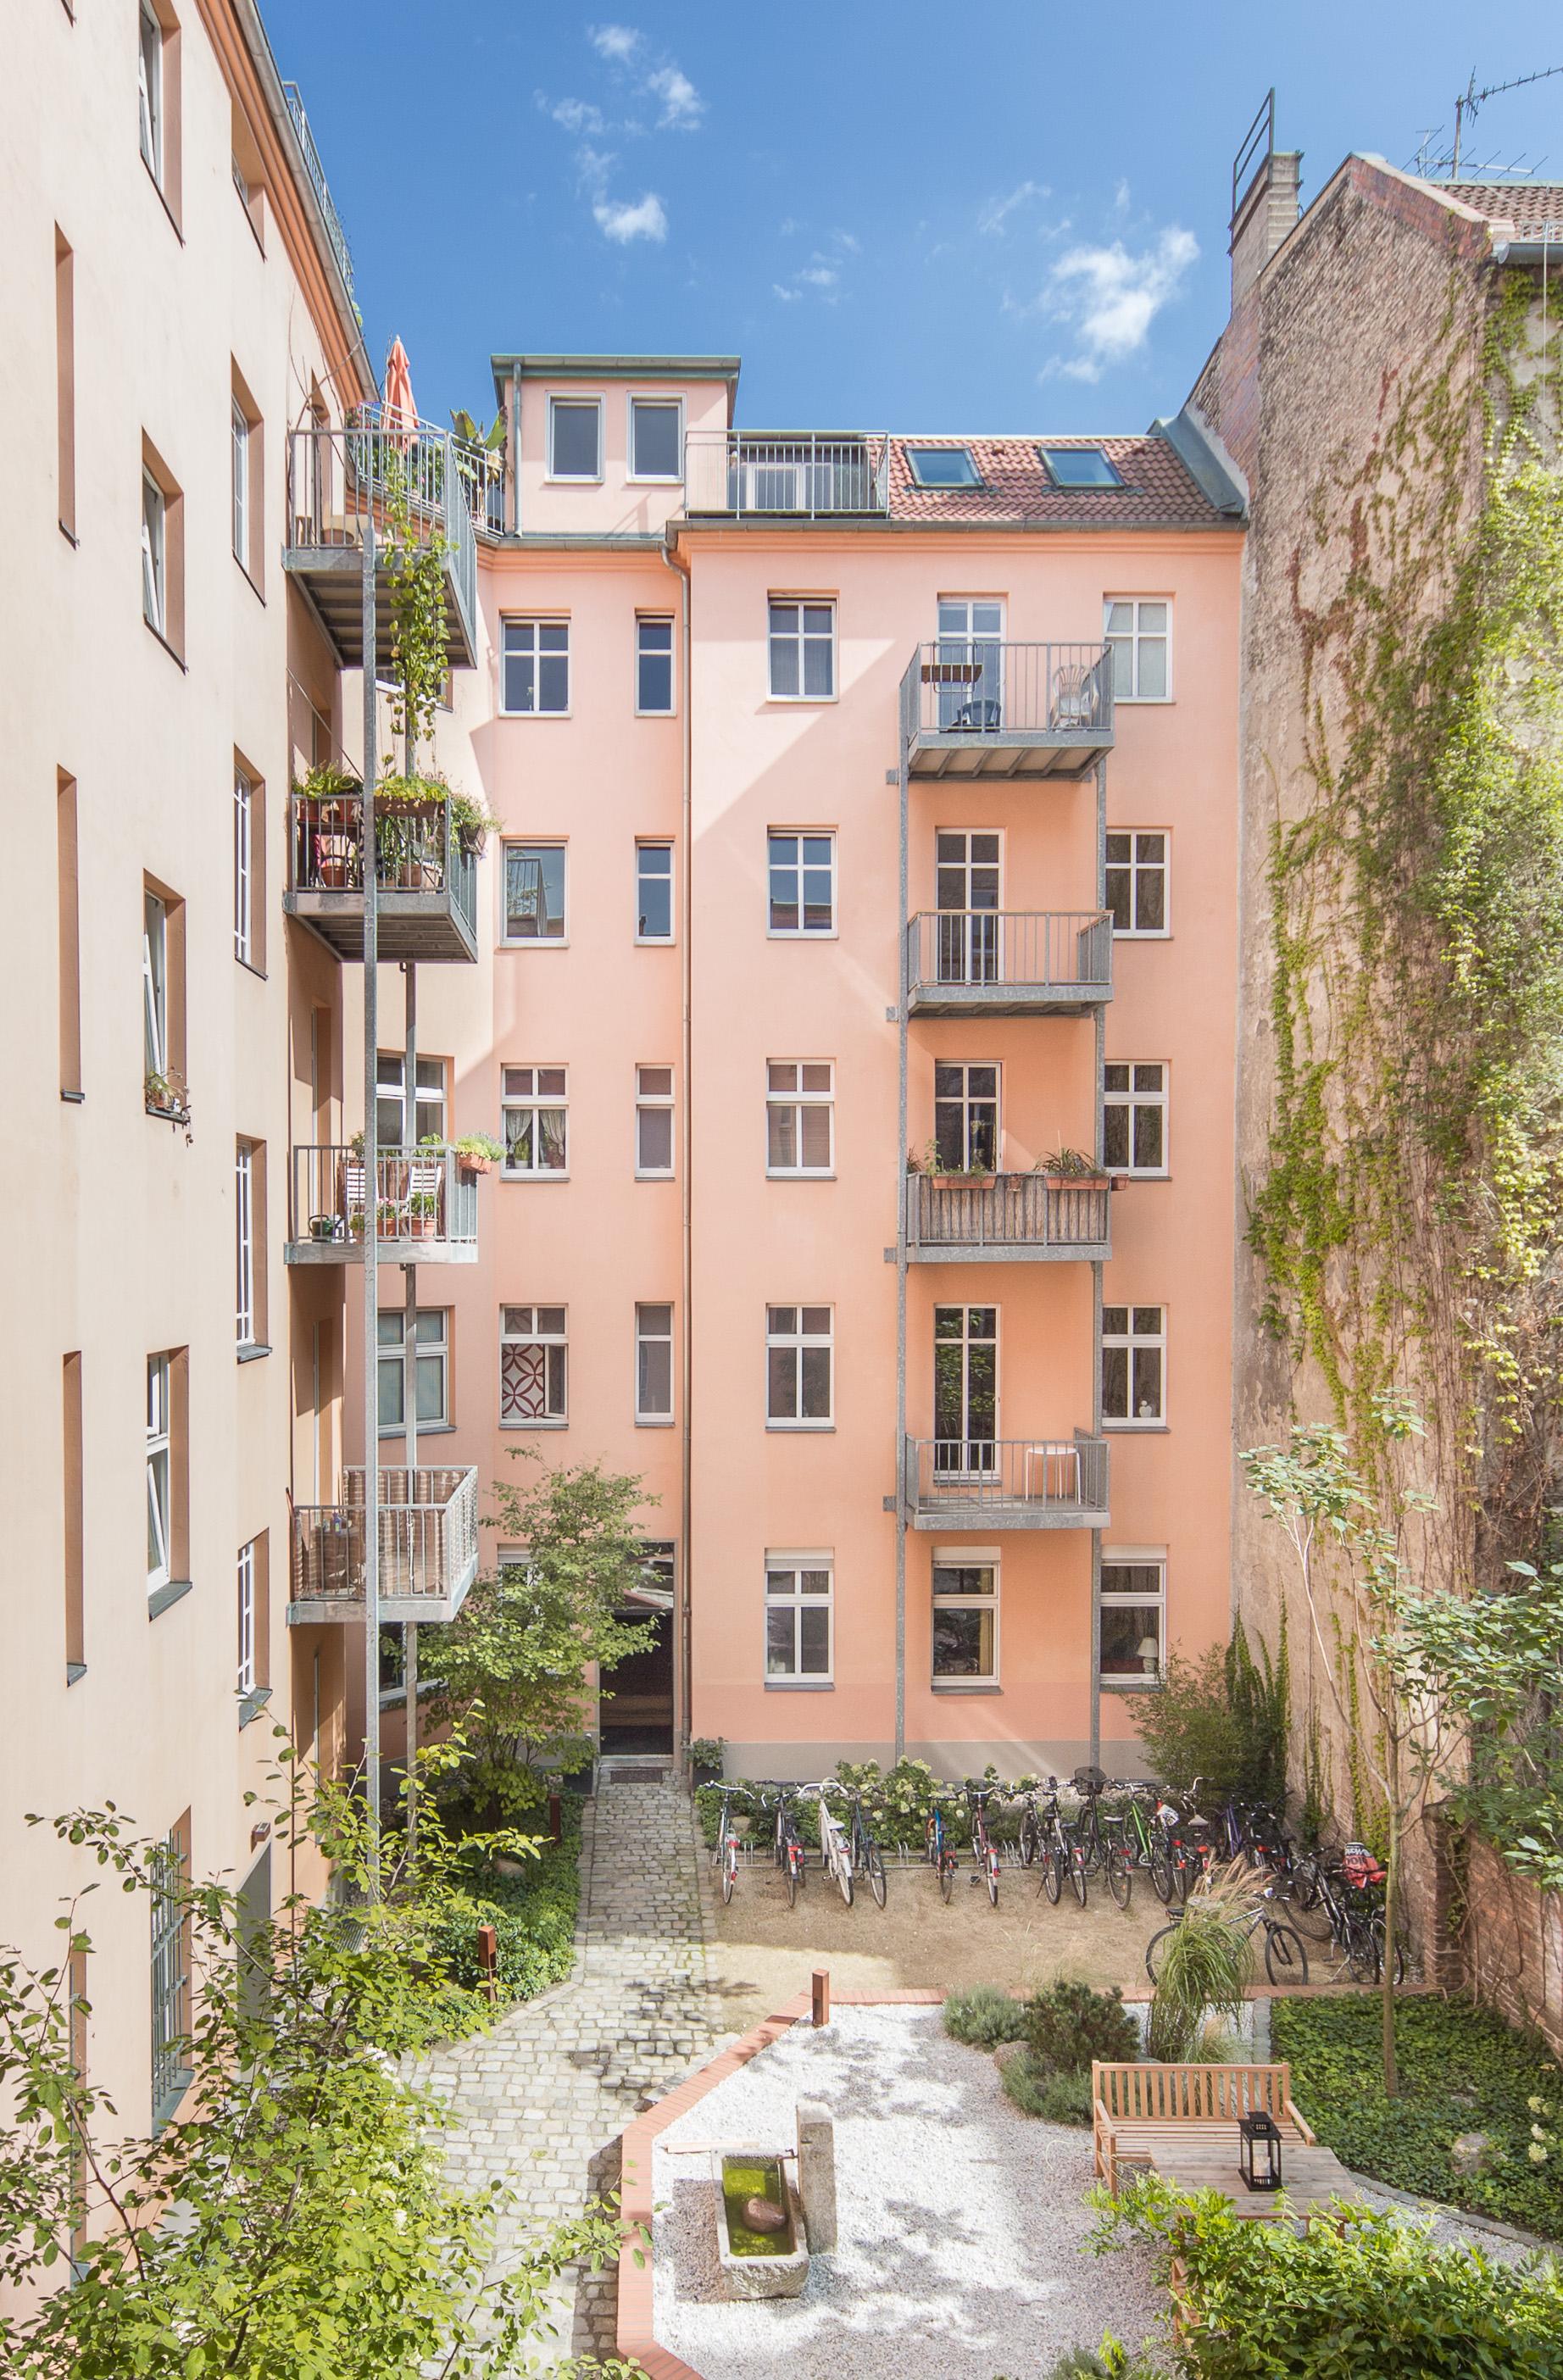 wohnung 10 pohl prym eigentumswohnungen lychener 26 berlin prenzlauer berg. Black Bedroom Furniture Sets. Home Design Ideas